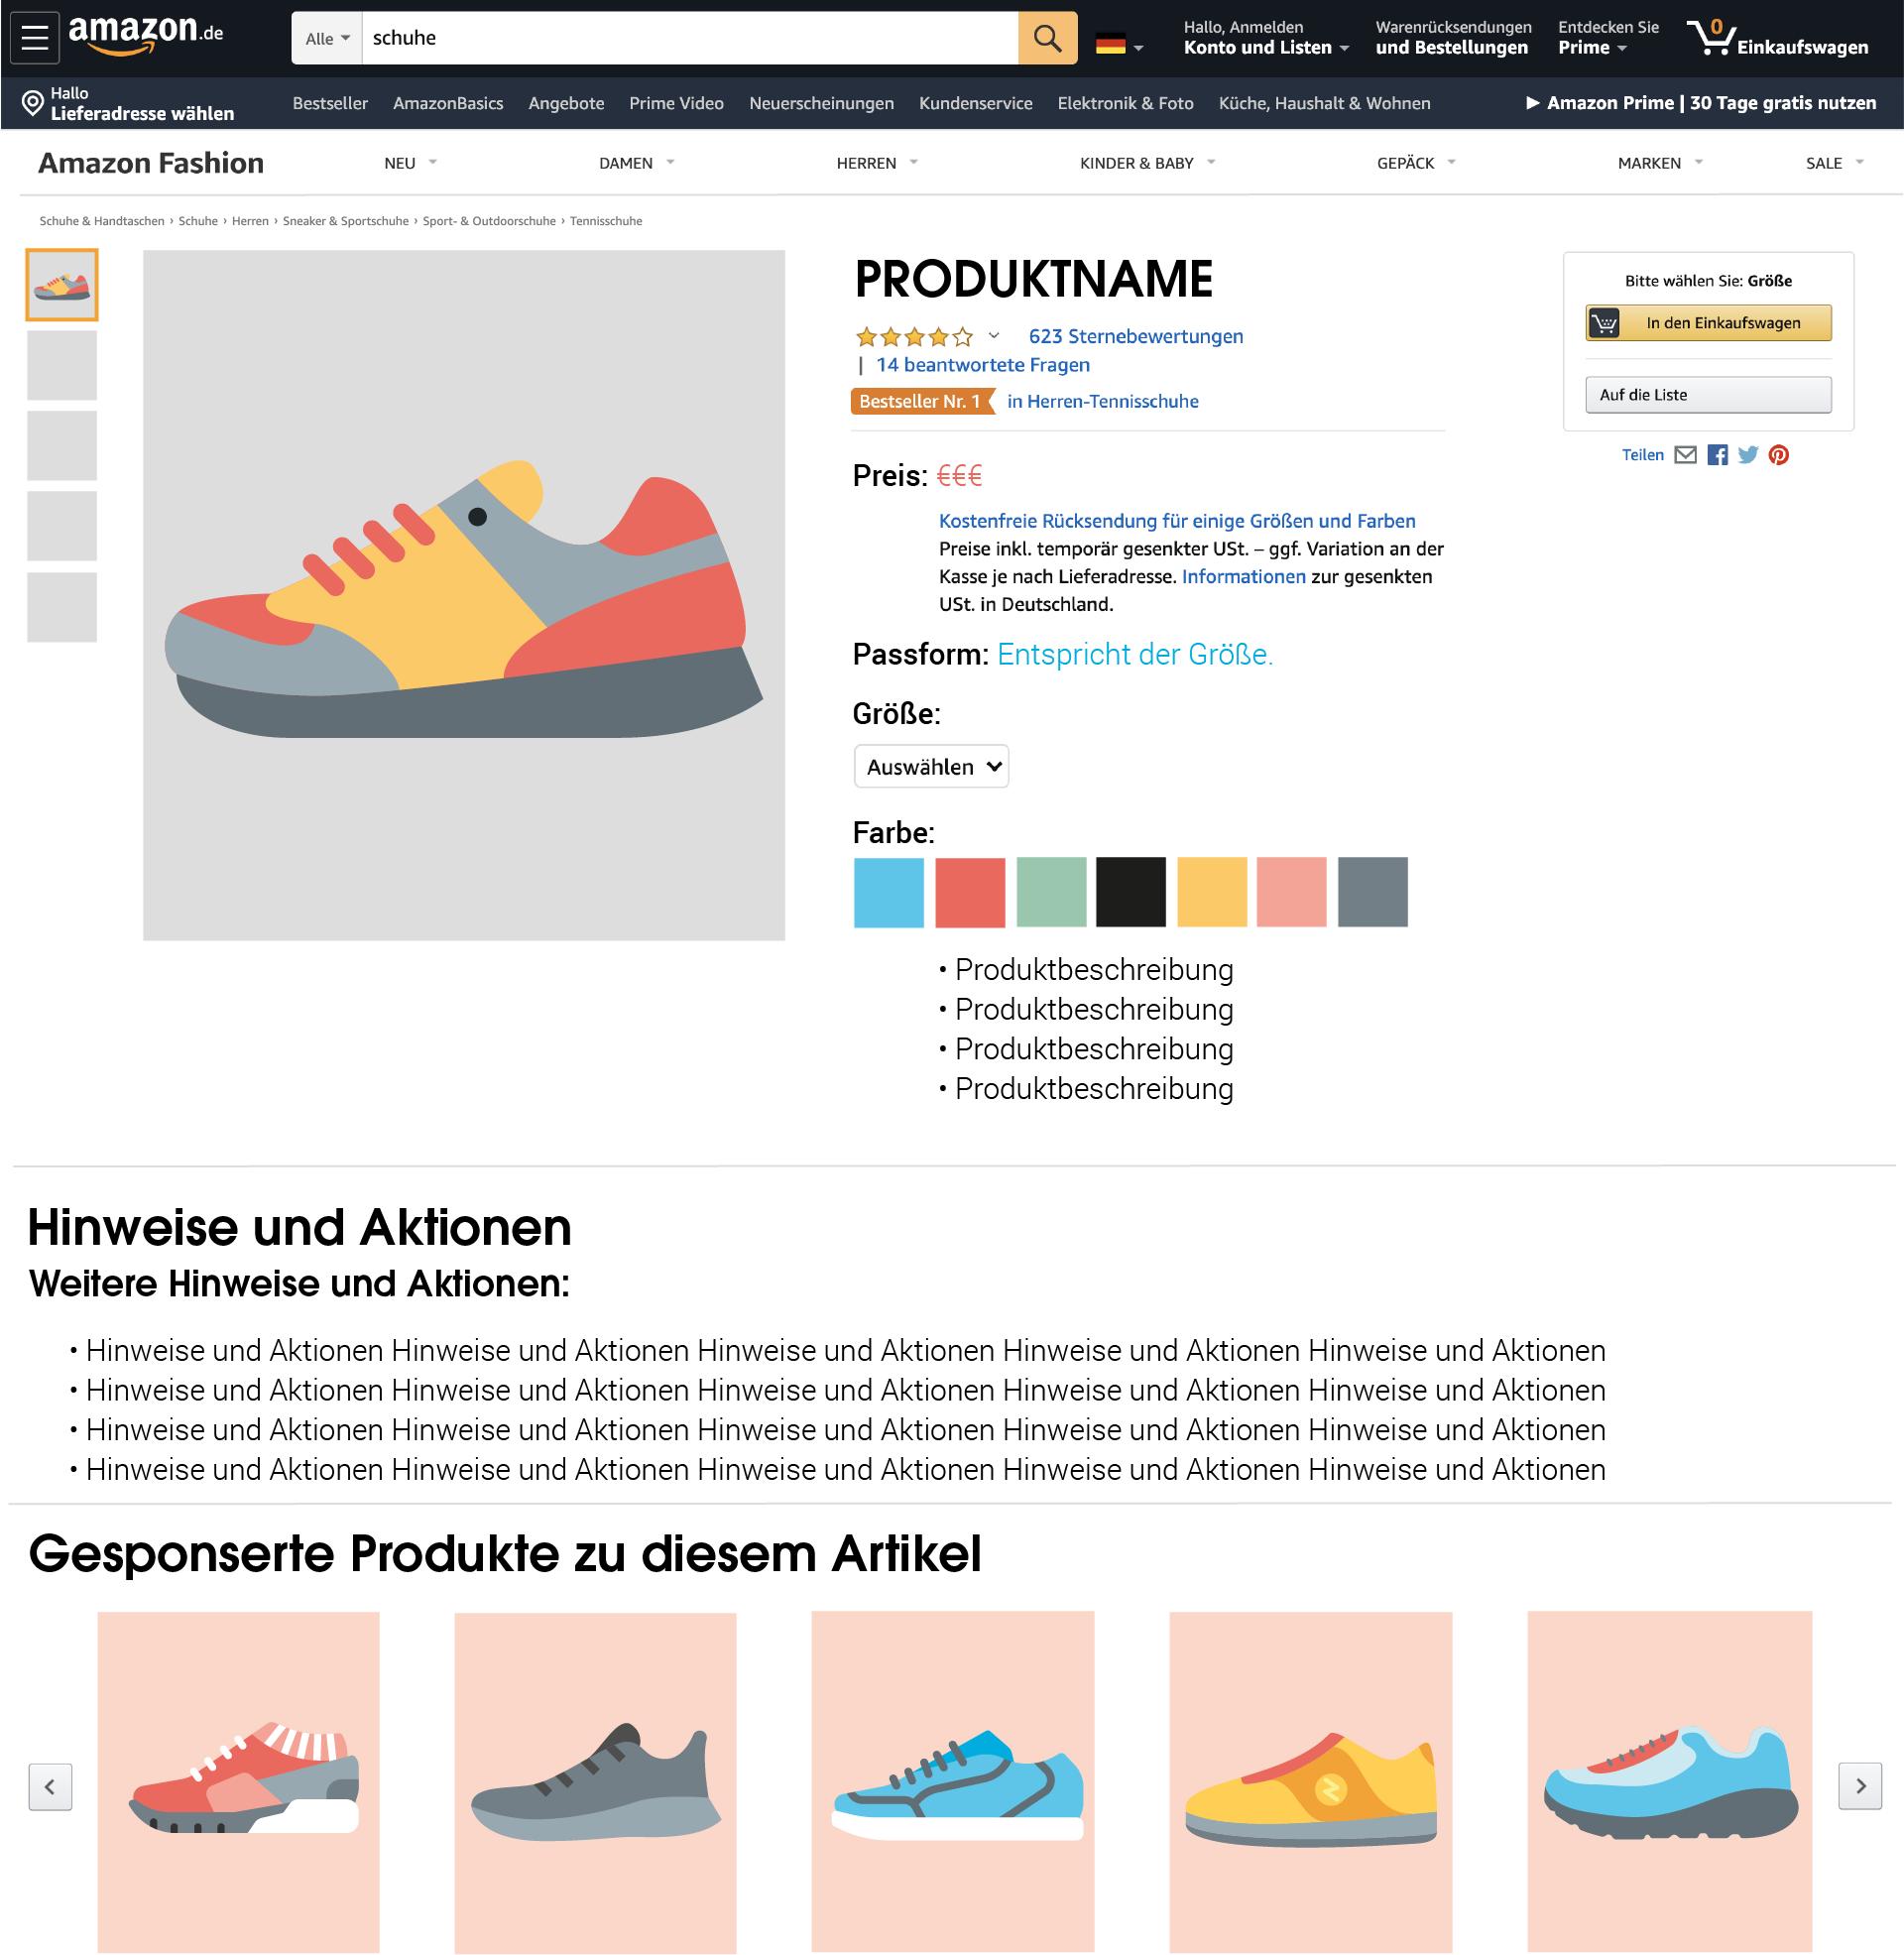 """Anzeigen zu gesponserten Produkten erscheinen unter der Überschrift """"Gesponserte Produkte zu diesem Artikel"""" auch auf Produktdetailseiten."""